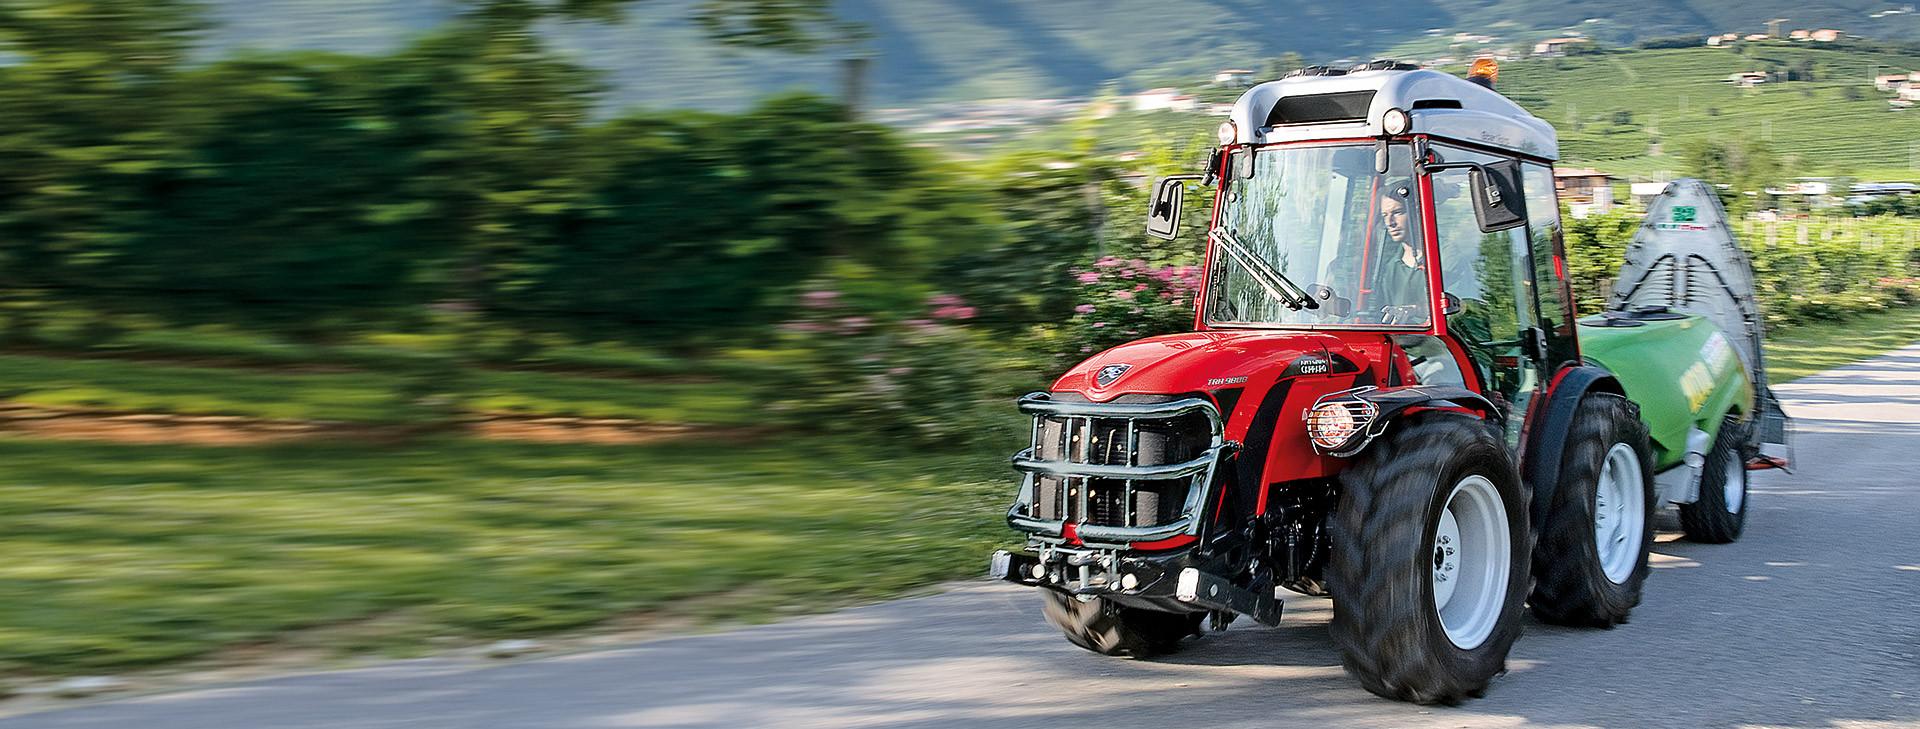 Traktoren und landwirtschaftliche Maschinen<br /> von Ihrem Partner KLG